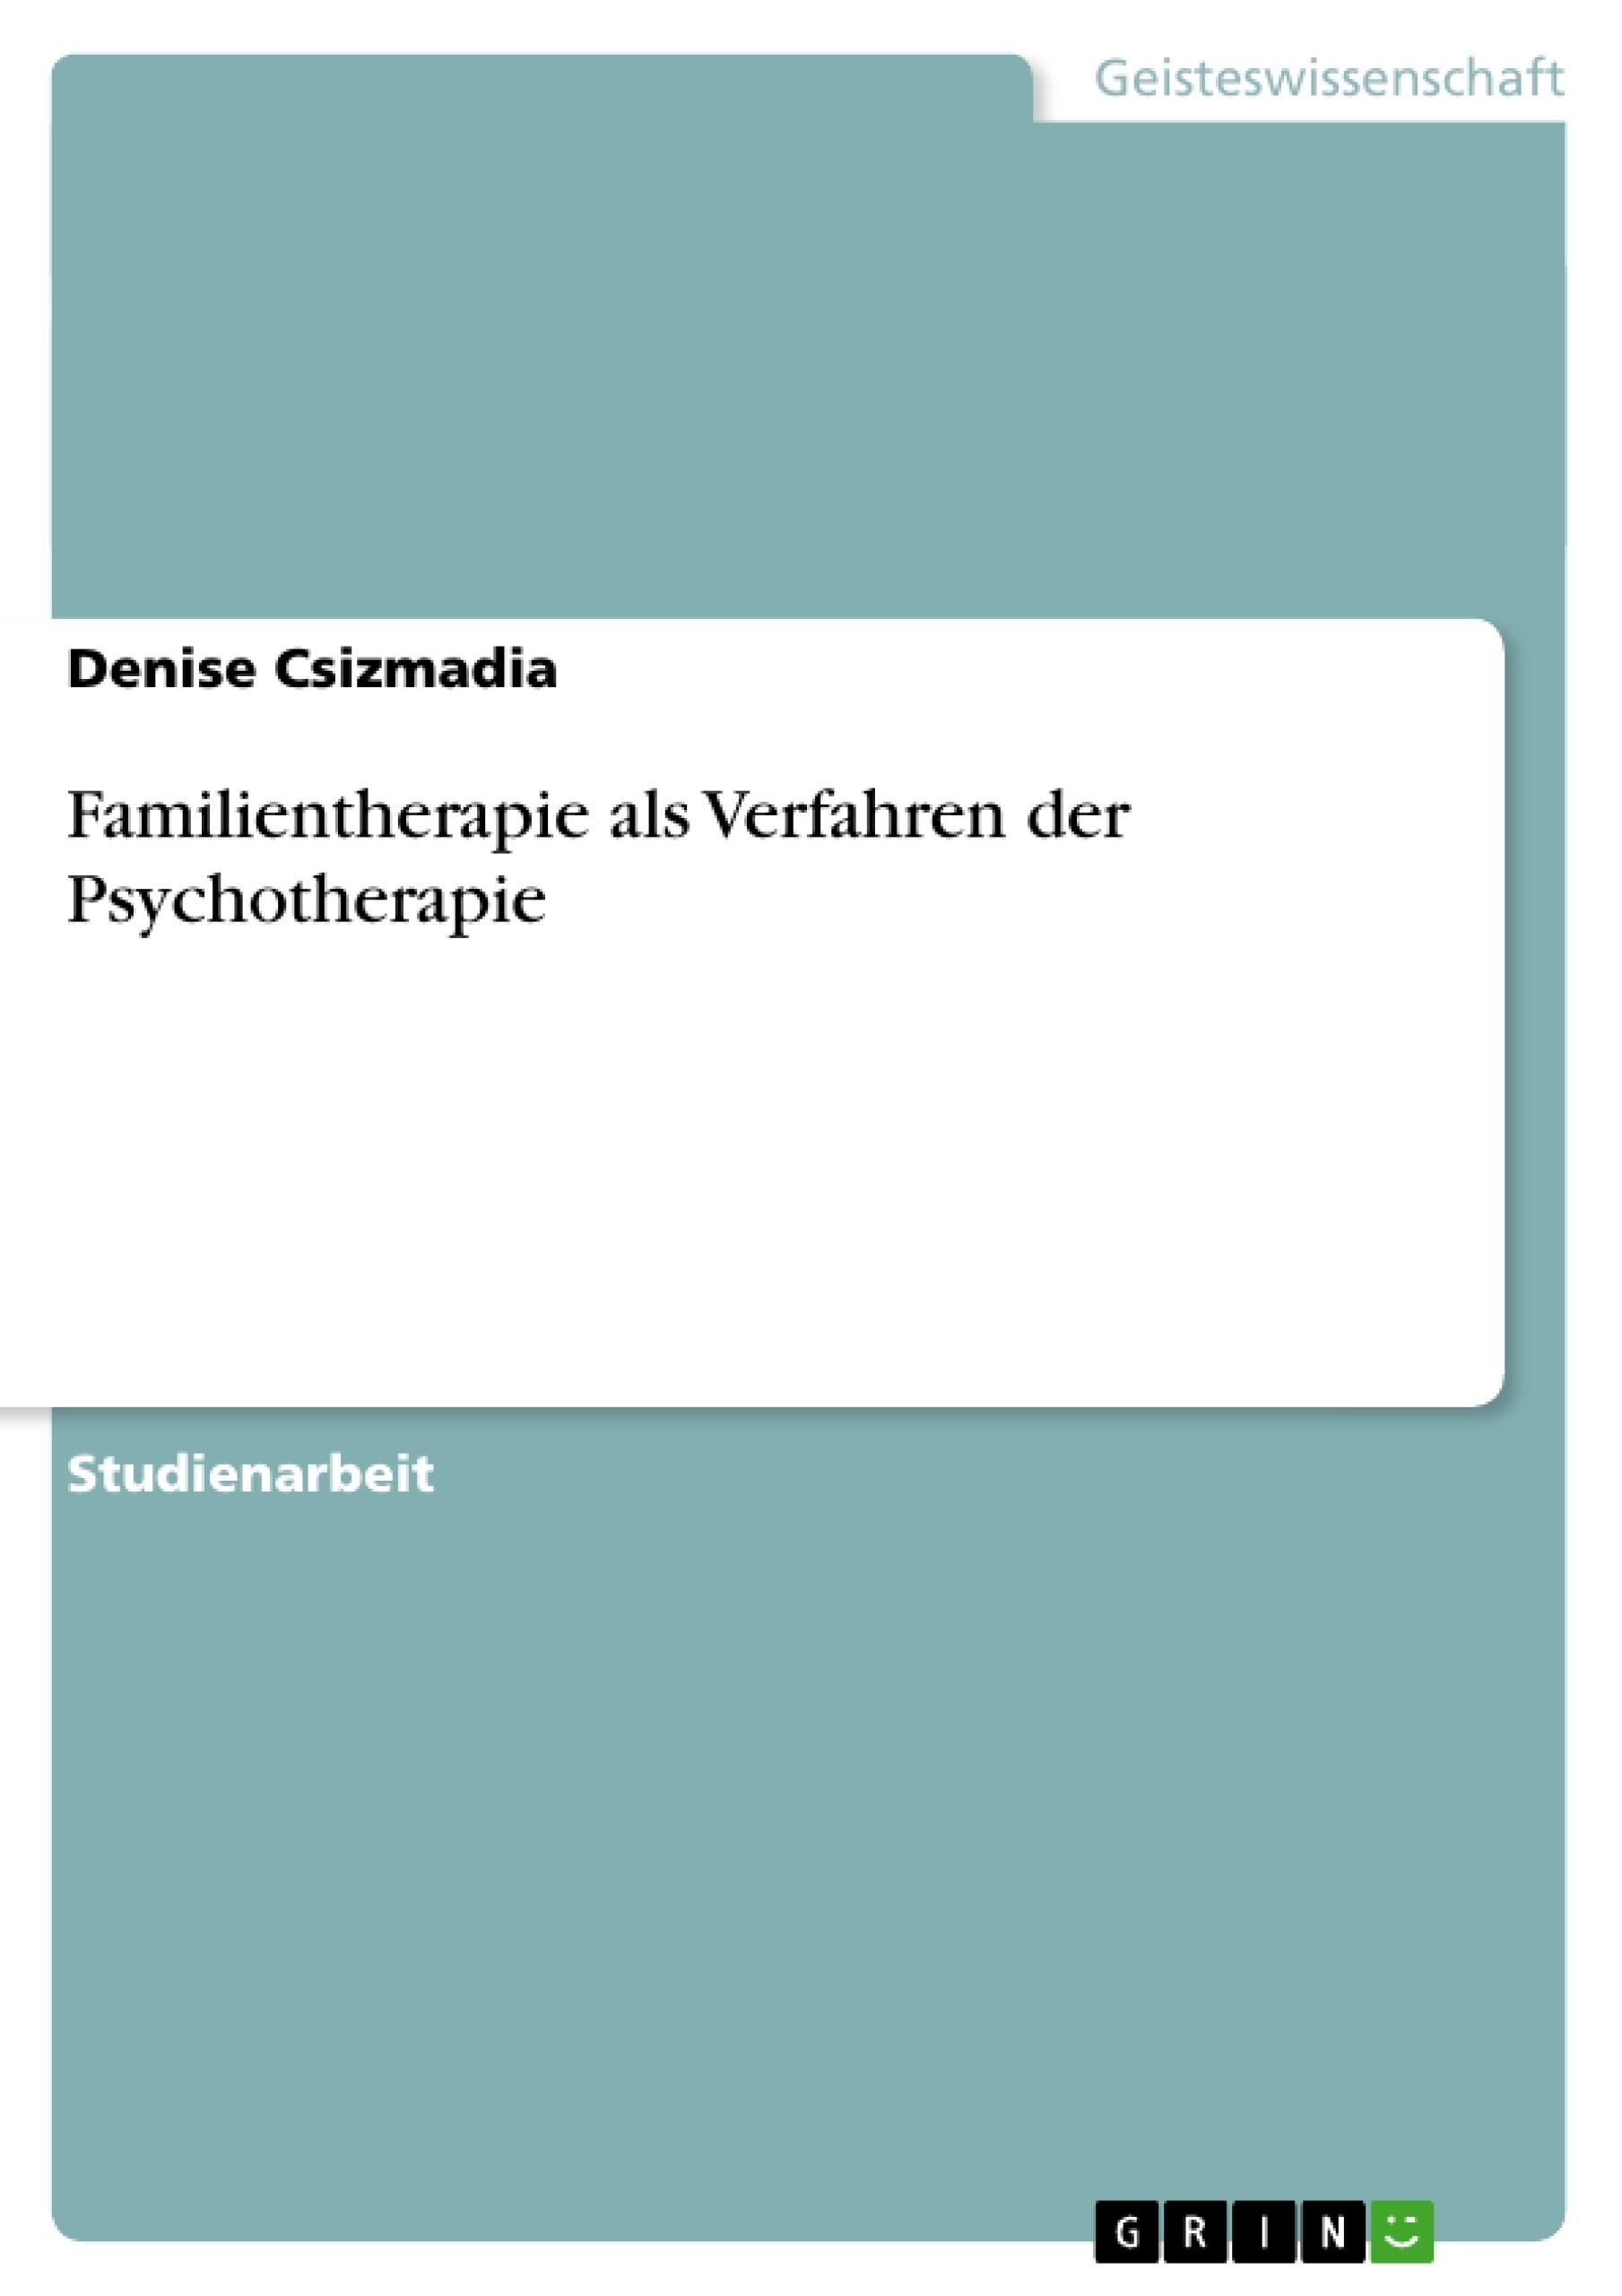 Titel: Familientherapie als Verfahren der Psychotherapie